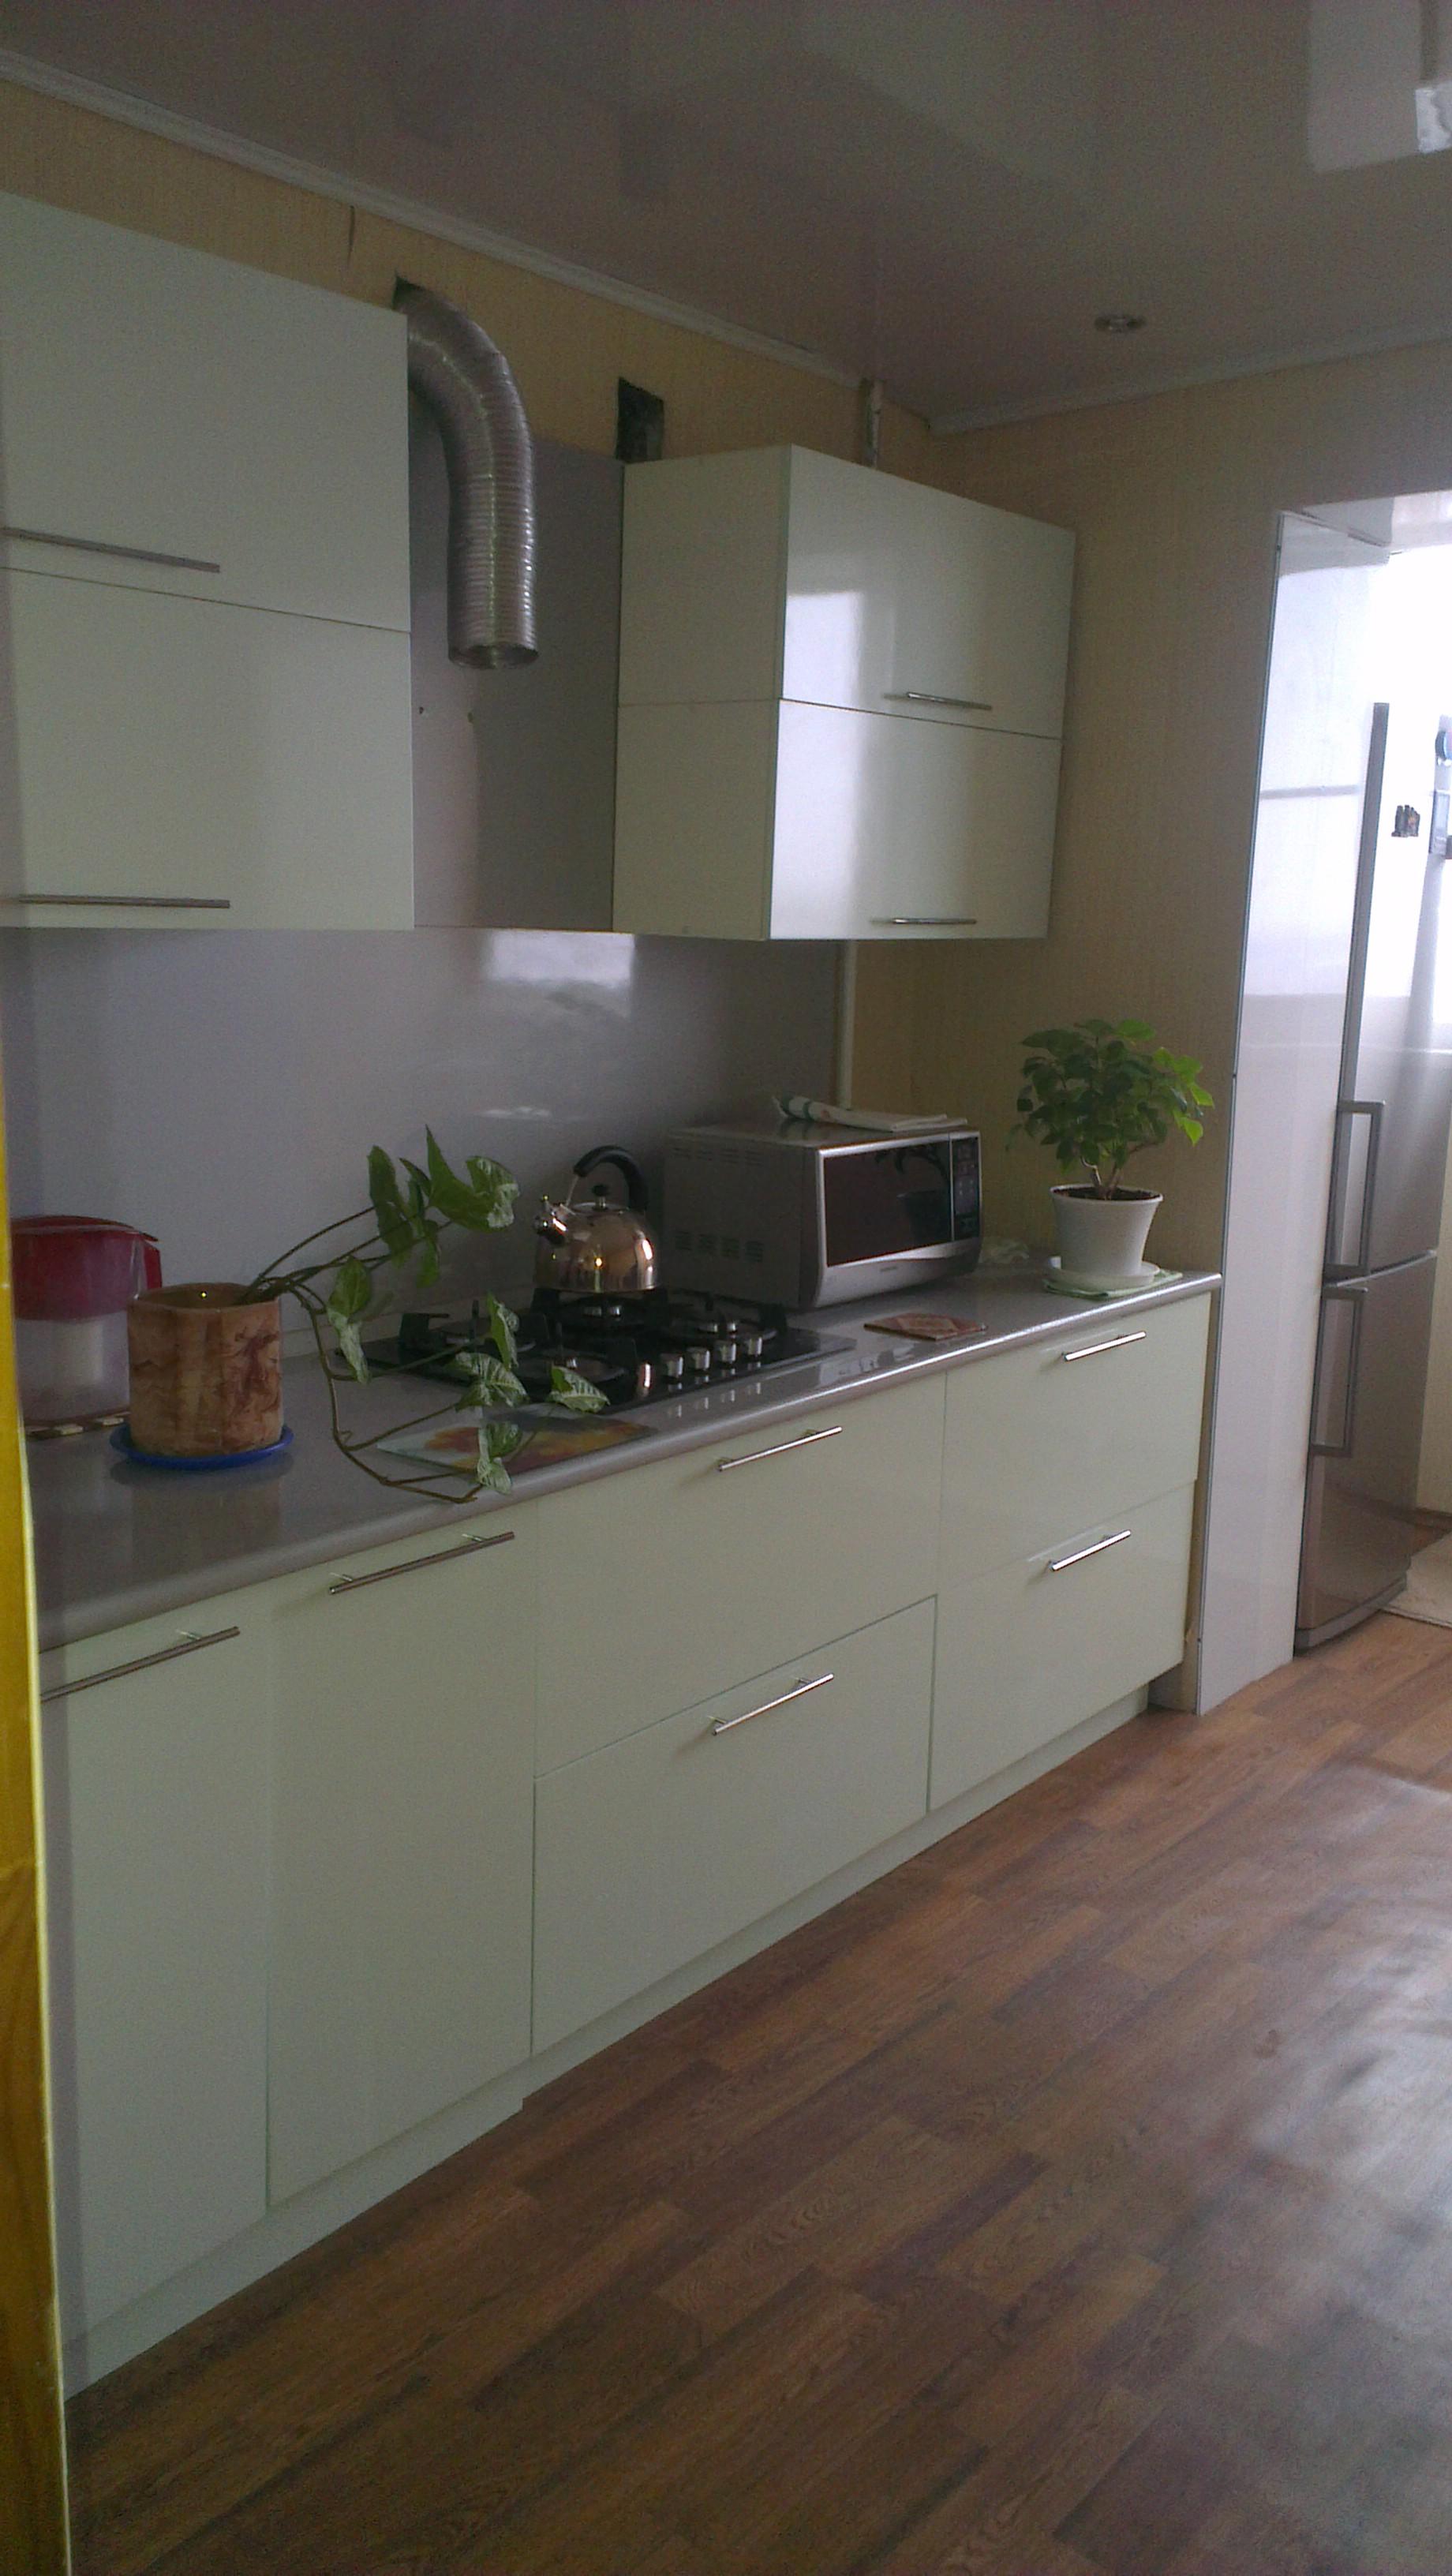 Фото - Двухкомнатная квартира в АЗМР ул.Высоковольтная, д.3